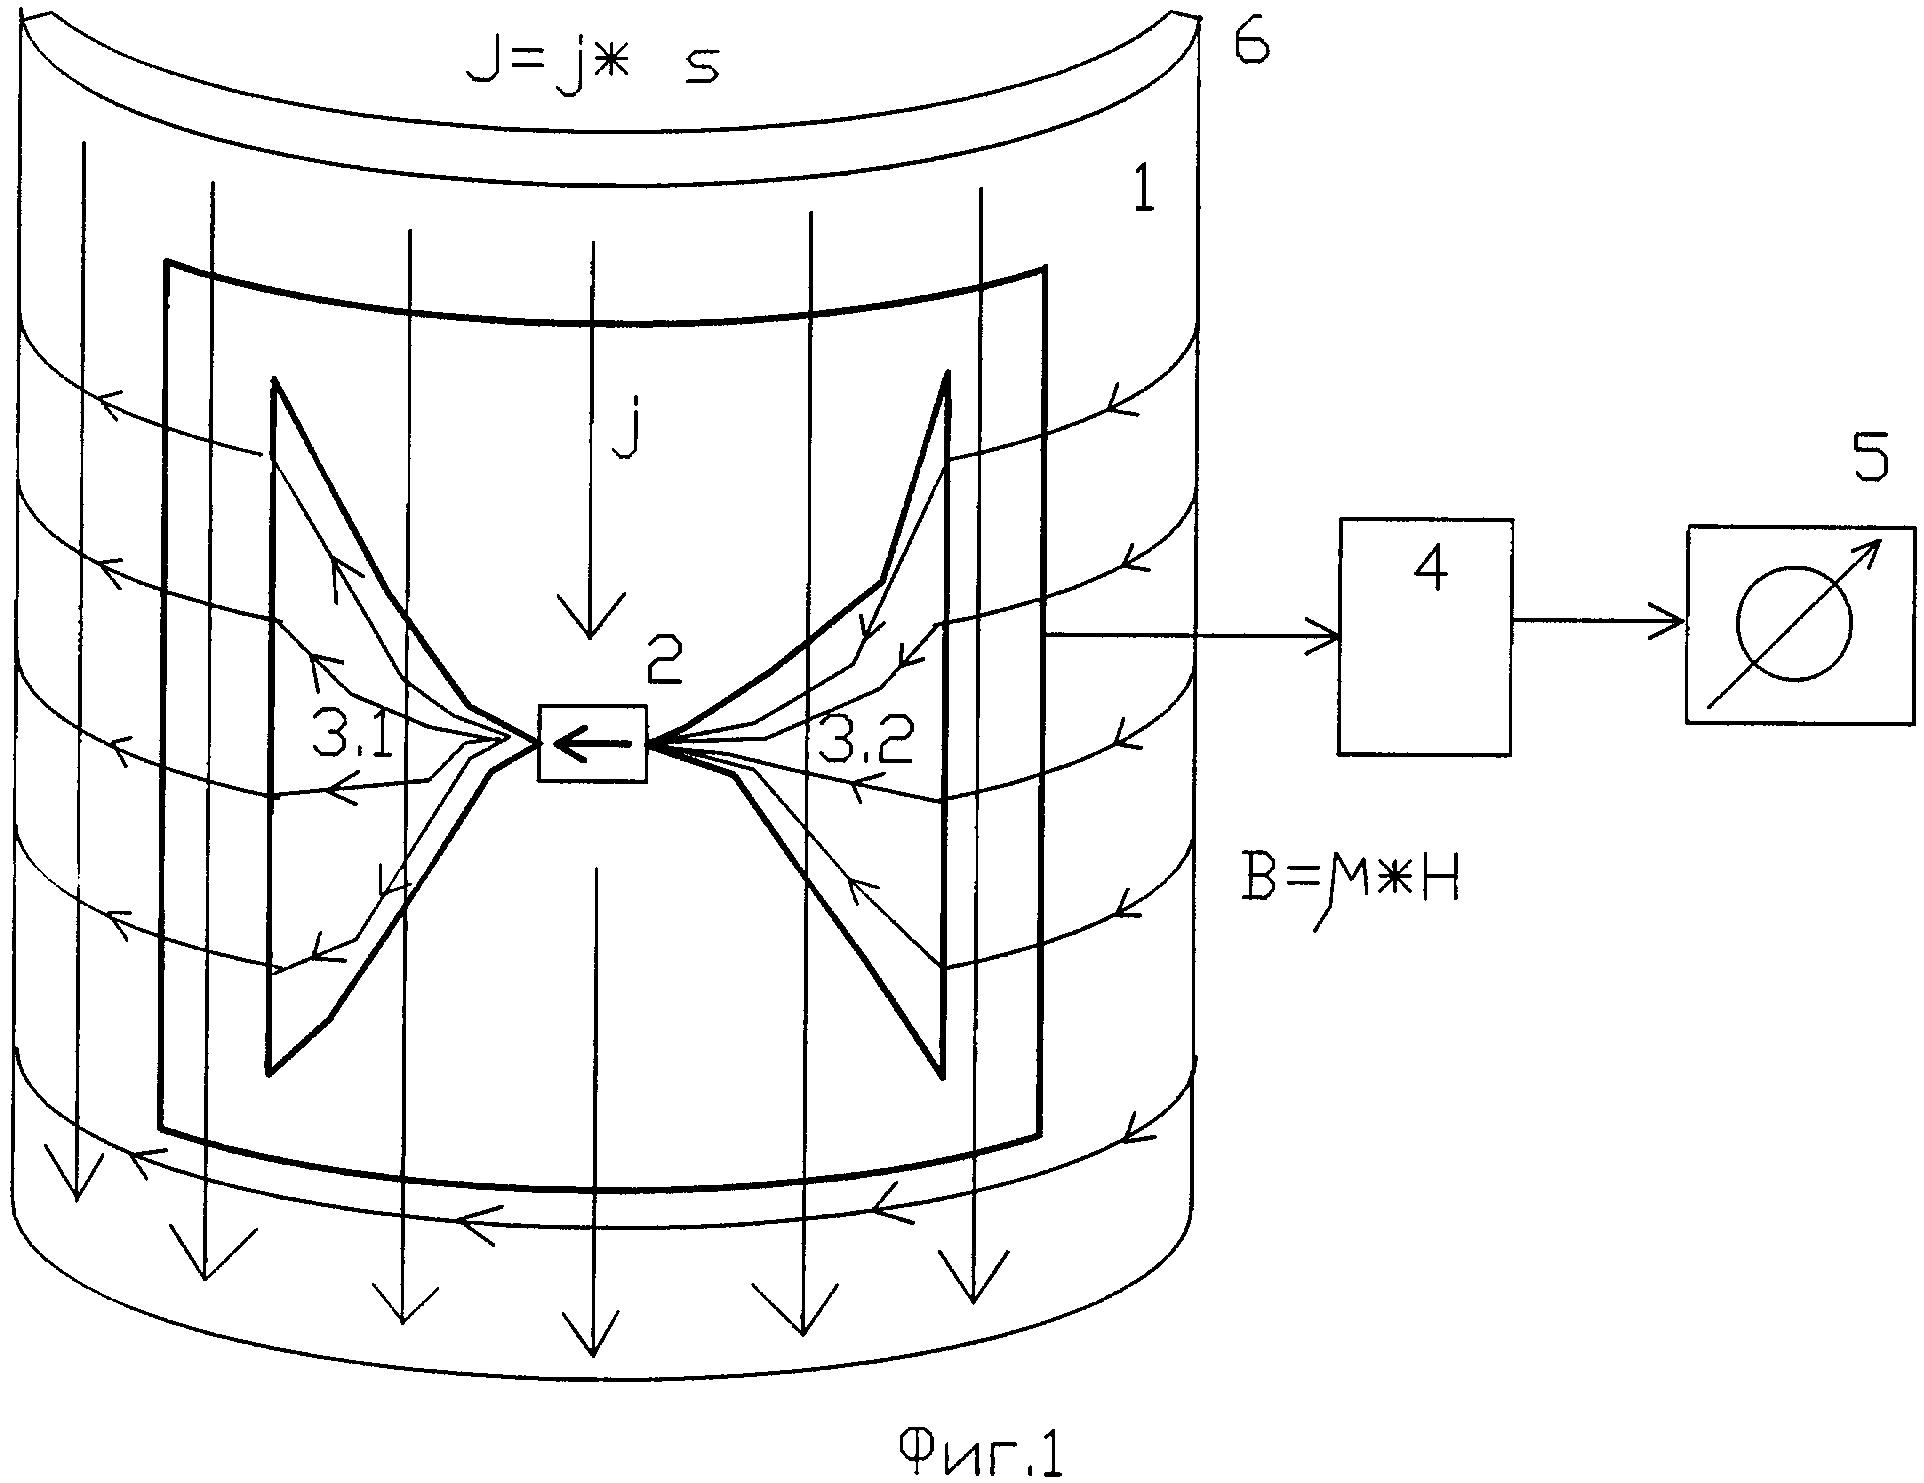 Способ бесконтактного измерения поверхностного тока и устройство для его осуществления